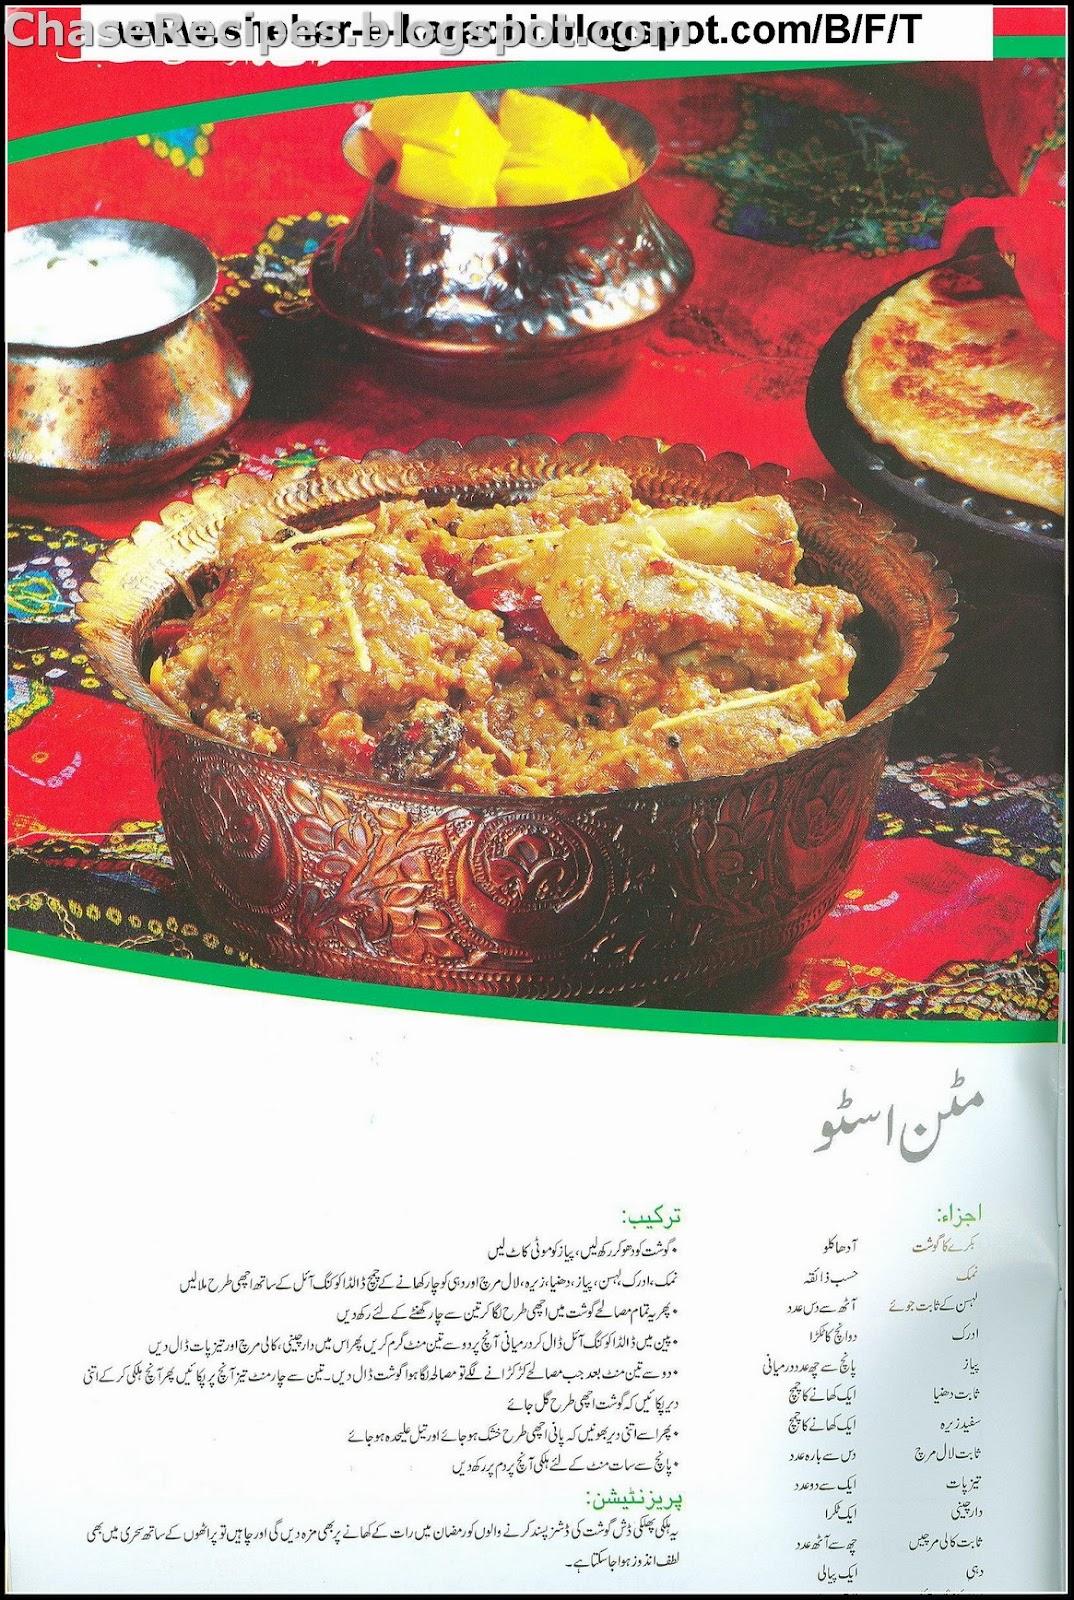 Mutton ishtu urdu recipe get online chase recipes mutton ishtu urdu recipe get online forumfinder Gallery